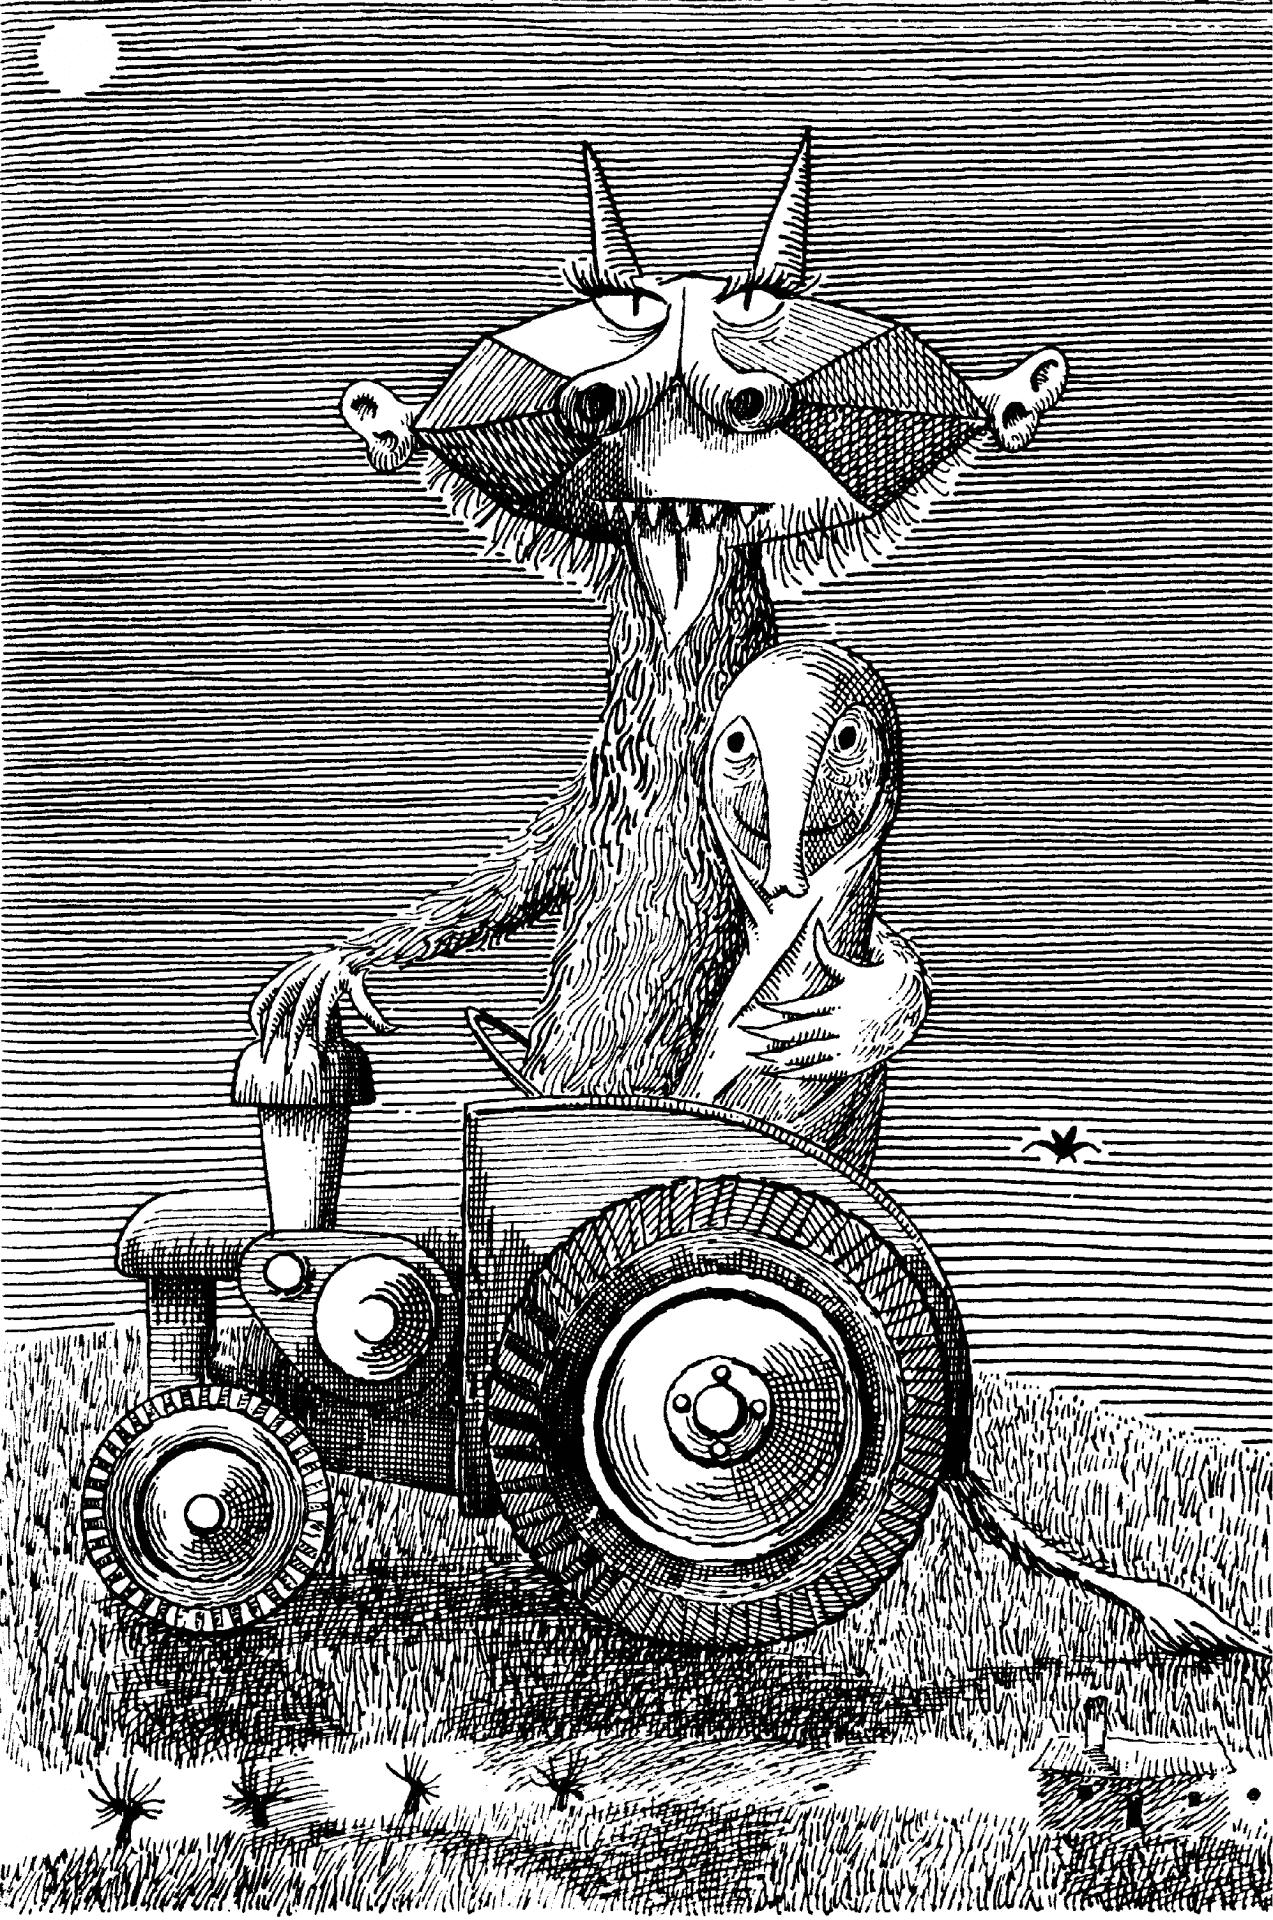 Daniel Mróz zasłynął między innymi ilustracjami do książek Stanisława Lema. Nadawał też ton szacie graficznej Przekroju. Marian Eile bardzo go cenił.